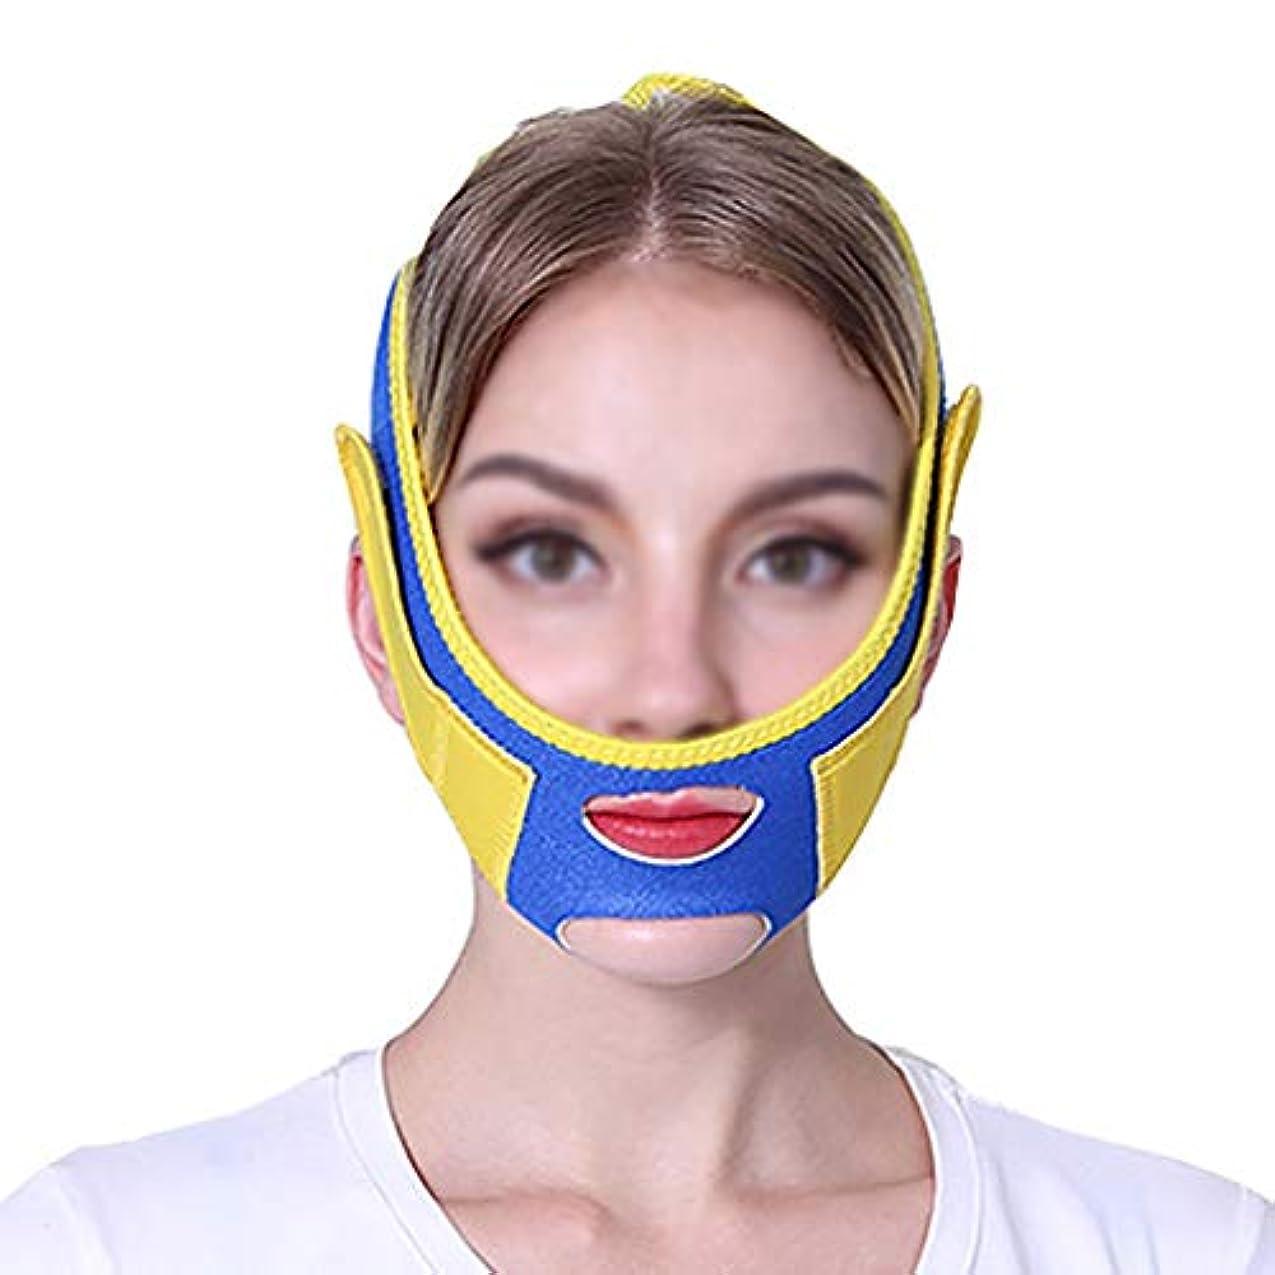 高度謝罪する包囲TLMY ファーミングマスクスモールvフェイスアーティファクトリフティングマスクフェイスリフティングフェイスリフティングマスクファーミングクリームフェイシャルリフティング包帯 顔用整形マスク